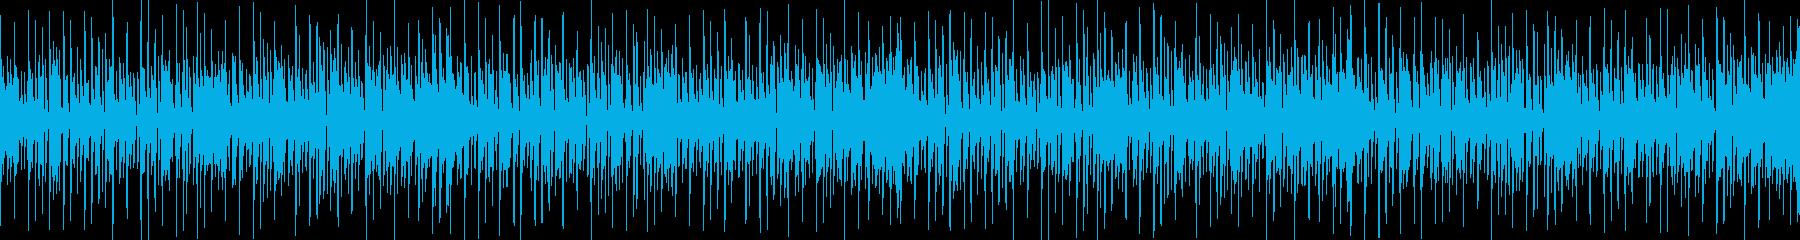 スラップベースとカッティングギターBGMの再生済みの波形